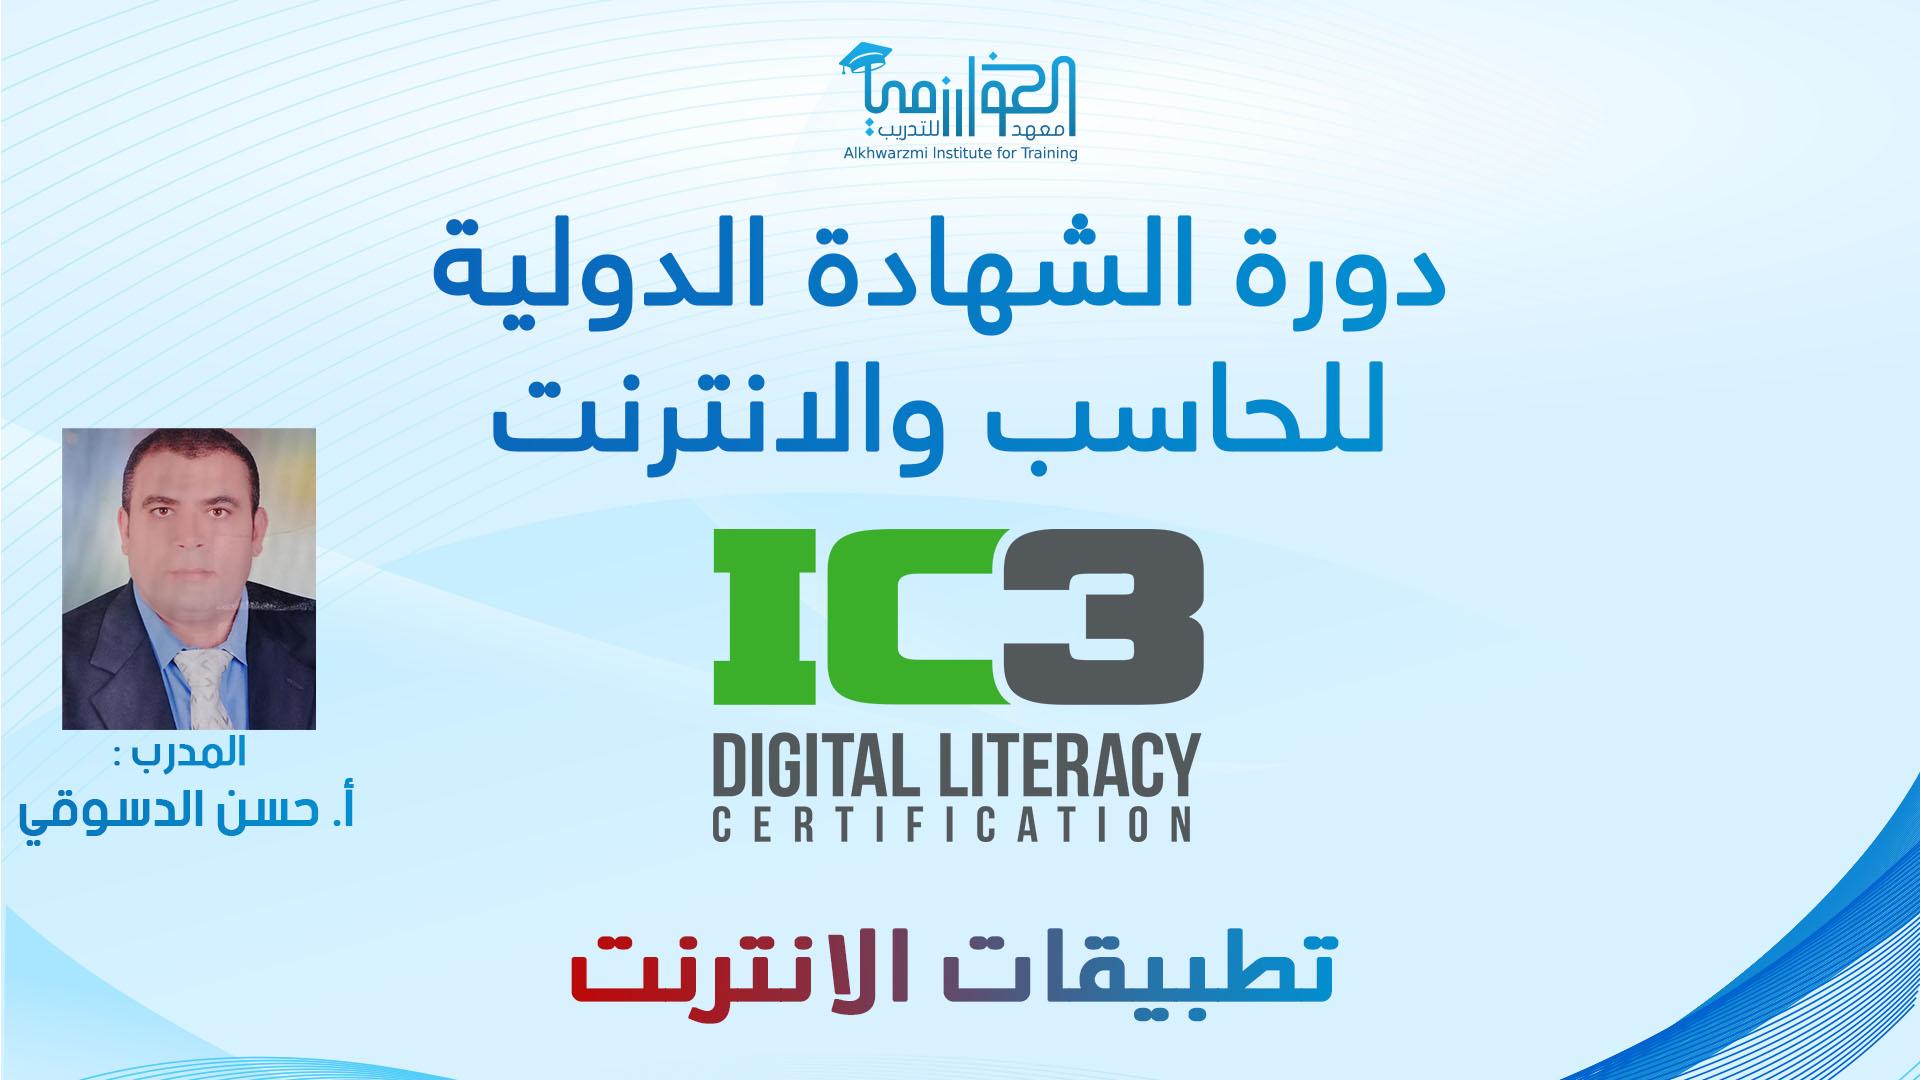 تطبيقات الانترنت - النشر والنشاط على الانترنت